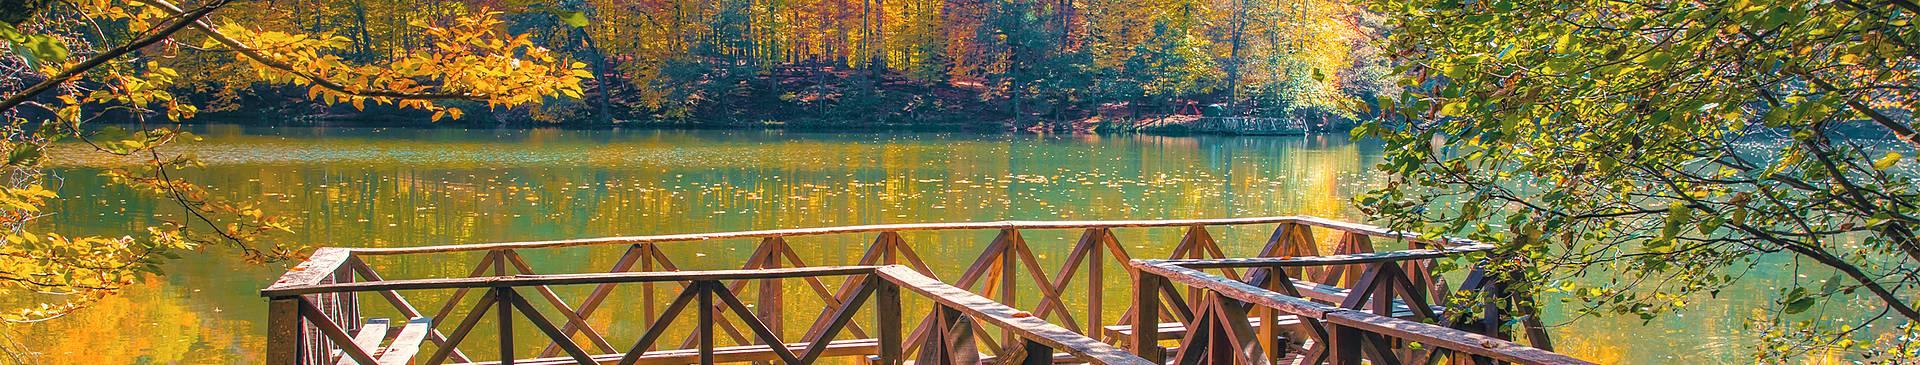 Viaggi in Turchia in autunno